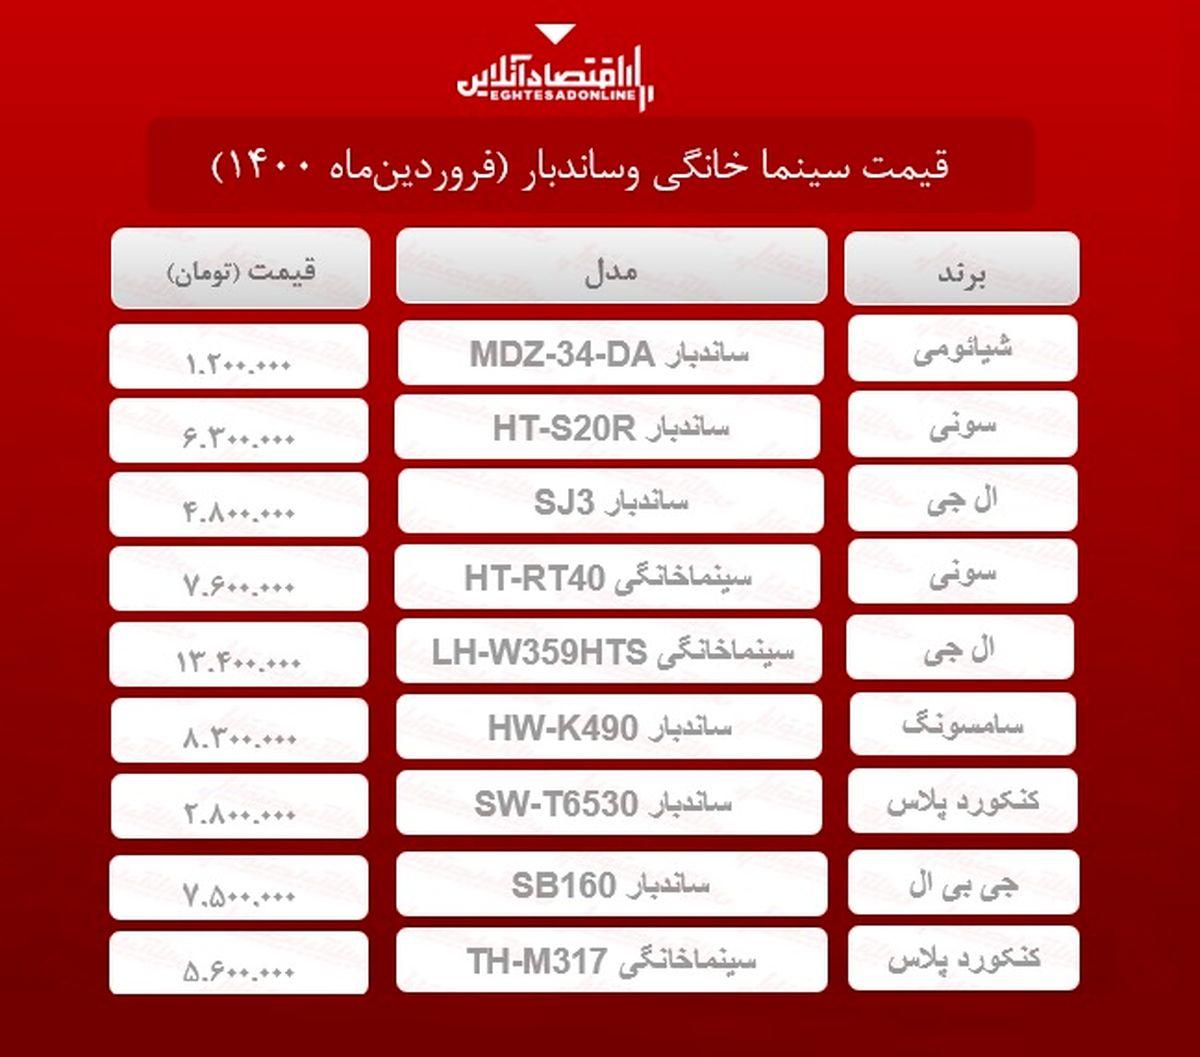 قیمت سینماخانگی و ساندبار / ۲۴فروردینماه